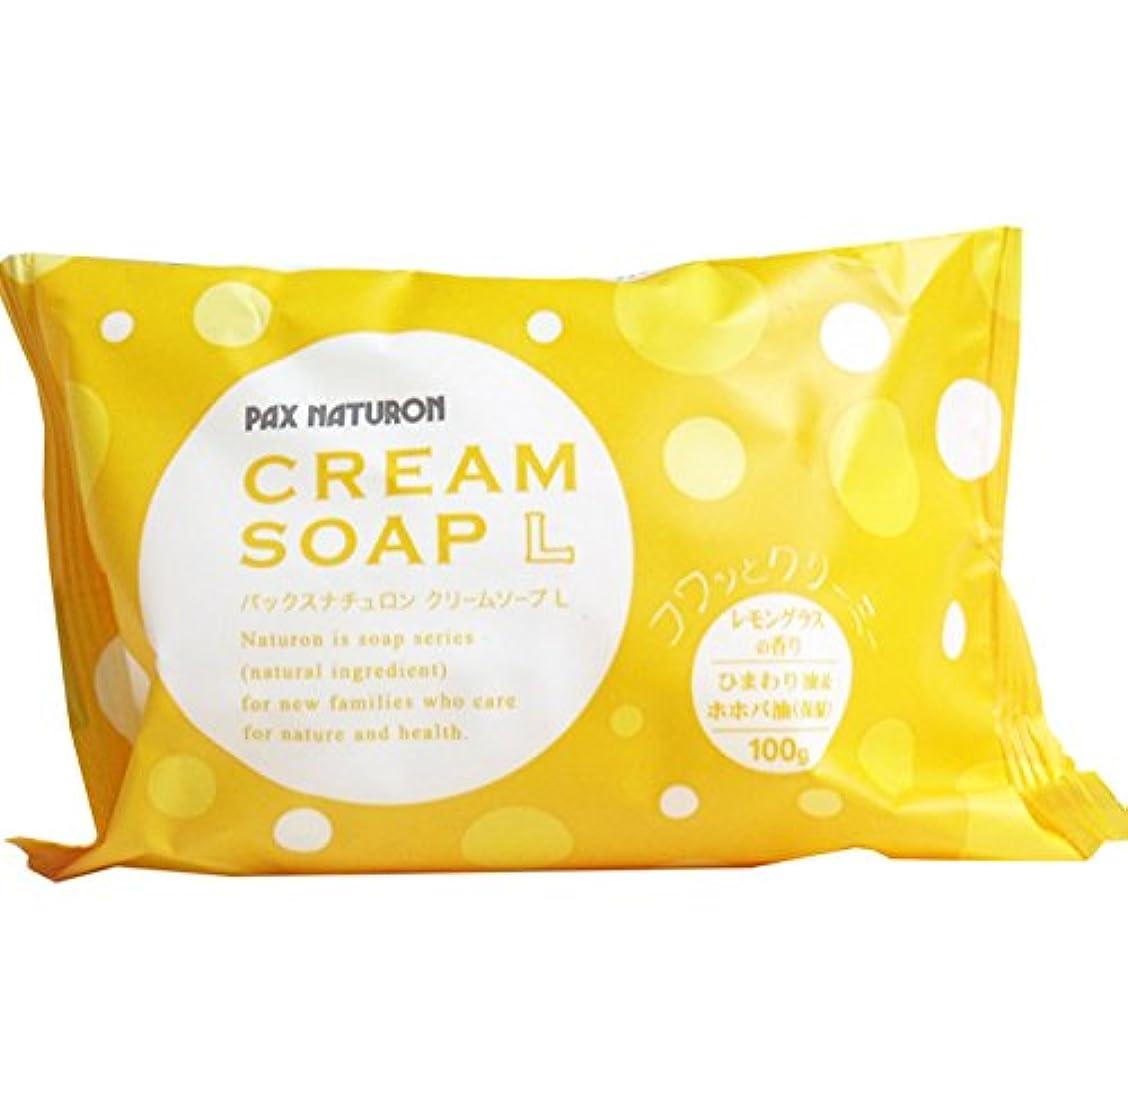 防ぐ限りなく漏斗パックスナチュロン クリームソープL レモングラスの香り 100g ×2セット